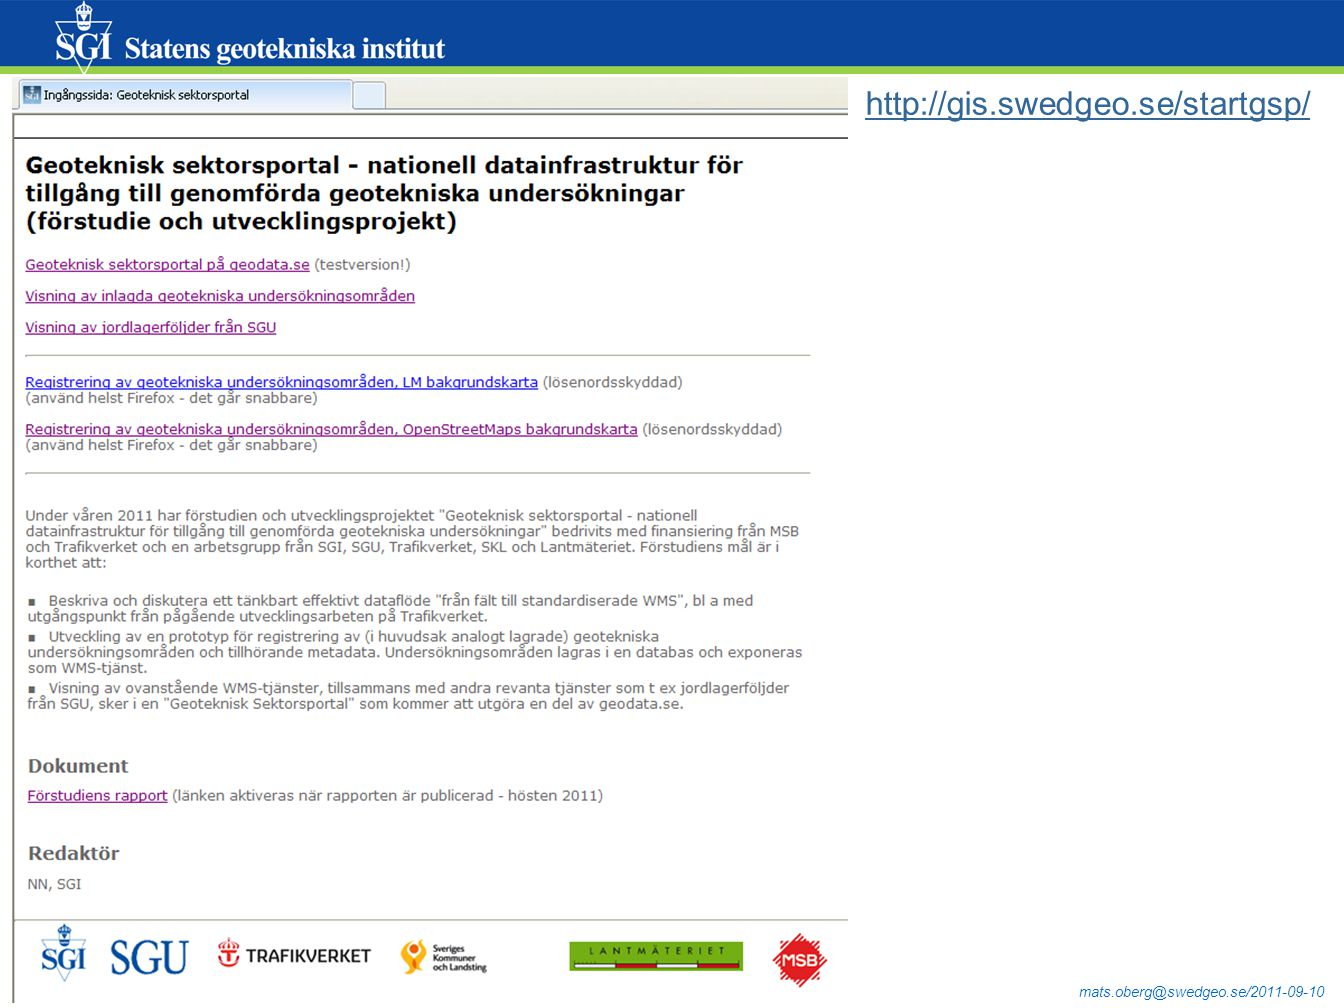 http://gis.swedgeo.se/startgsp/